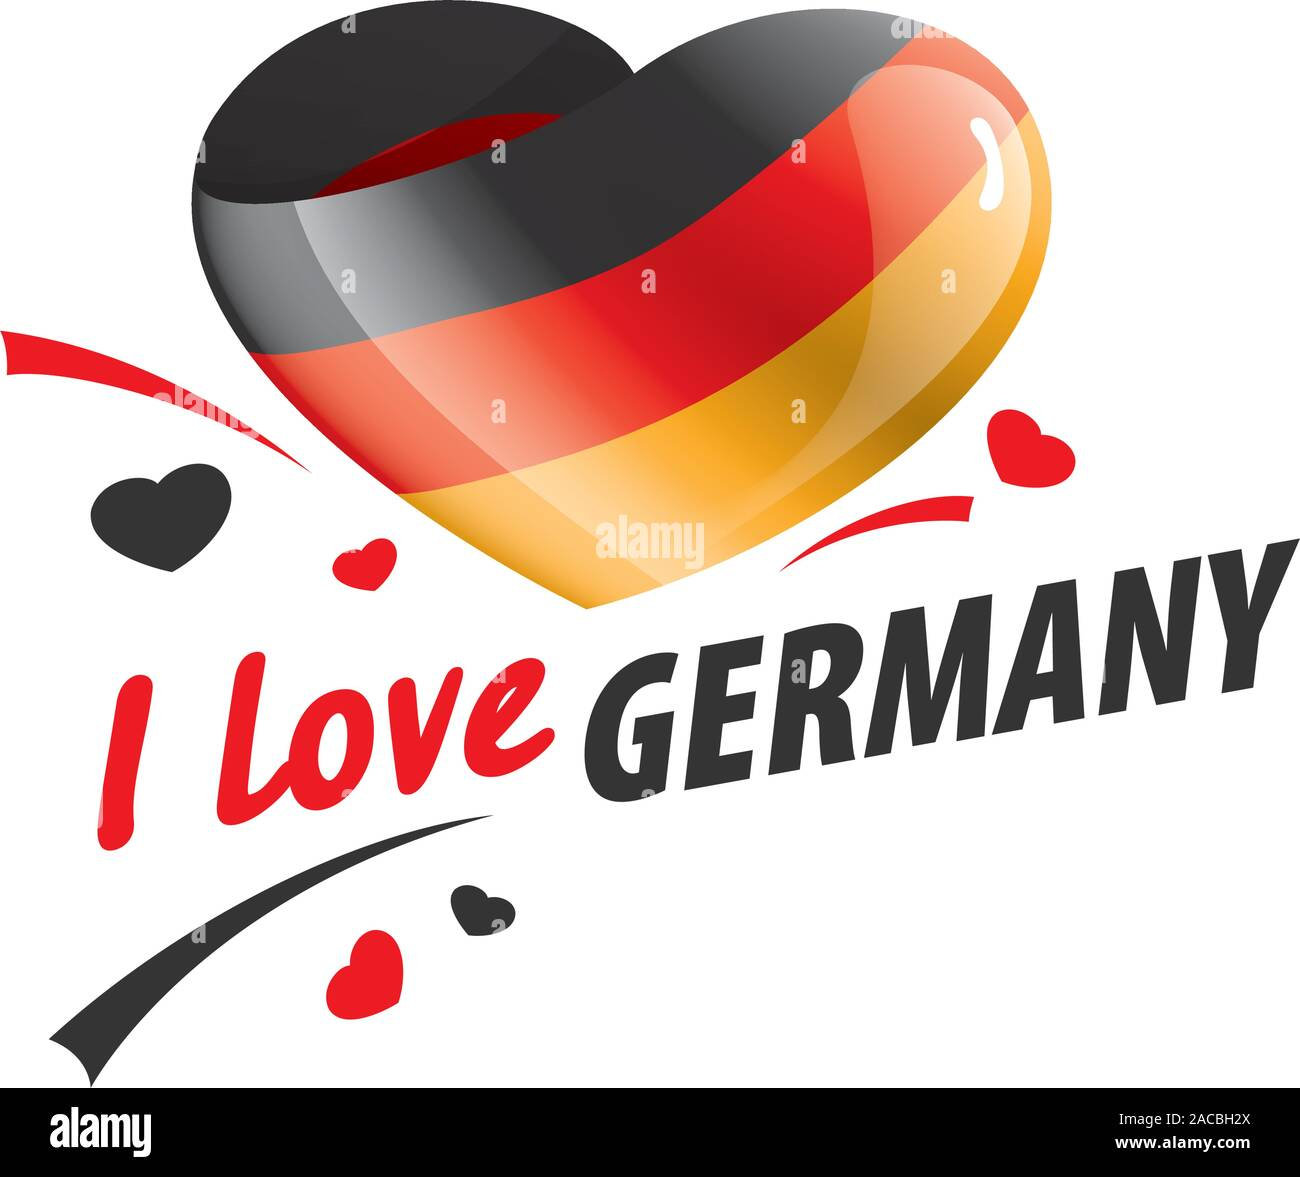 Deutschland i love 10 Reasons